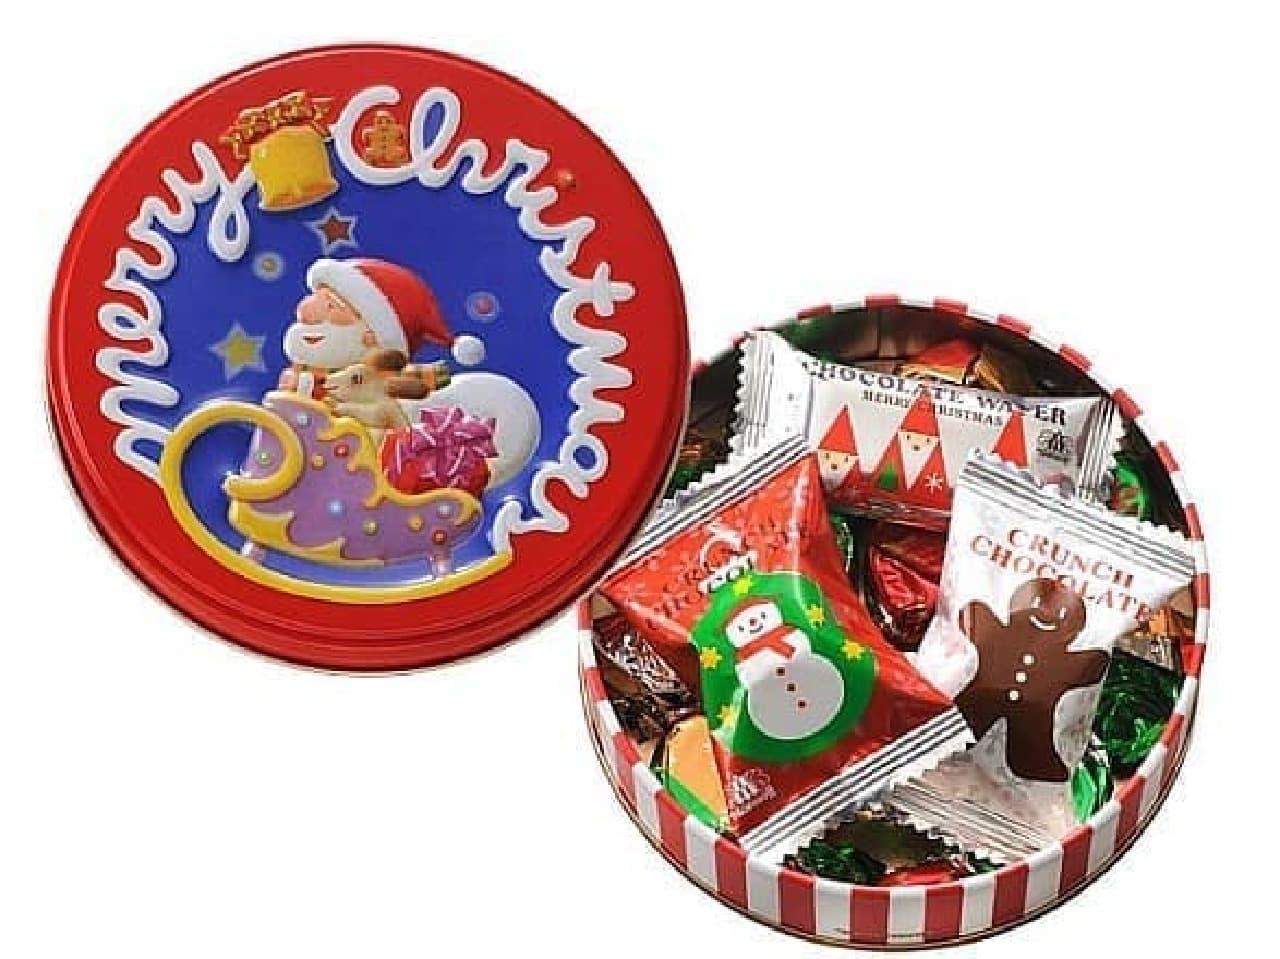 モロゾフ「クリスマスドームランド」